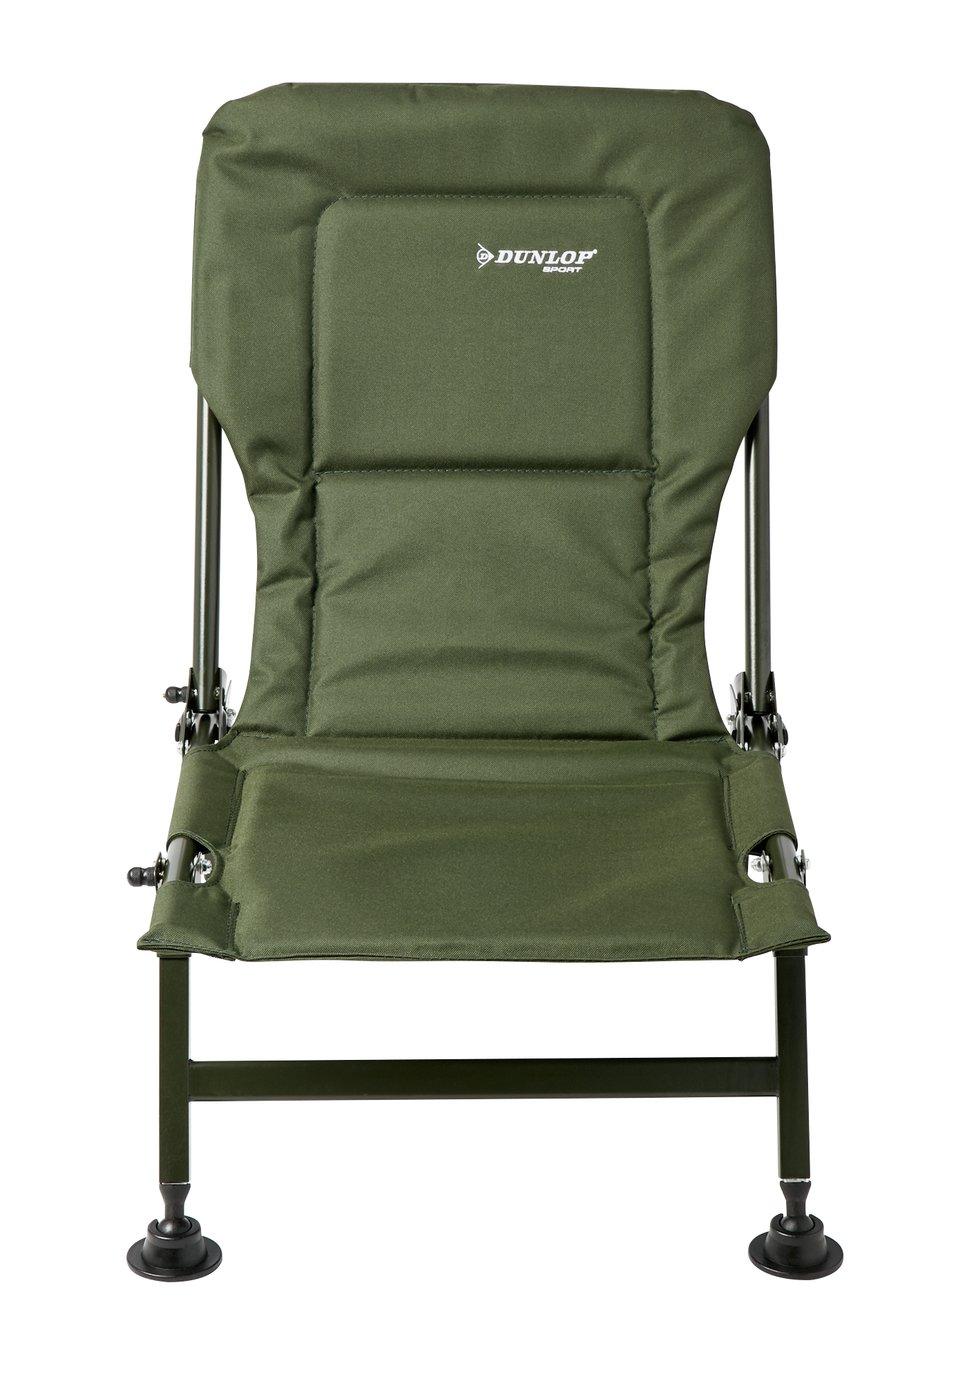 Dunlop Fishing Carp Chair